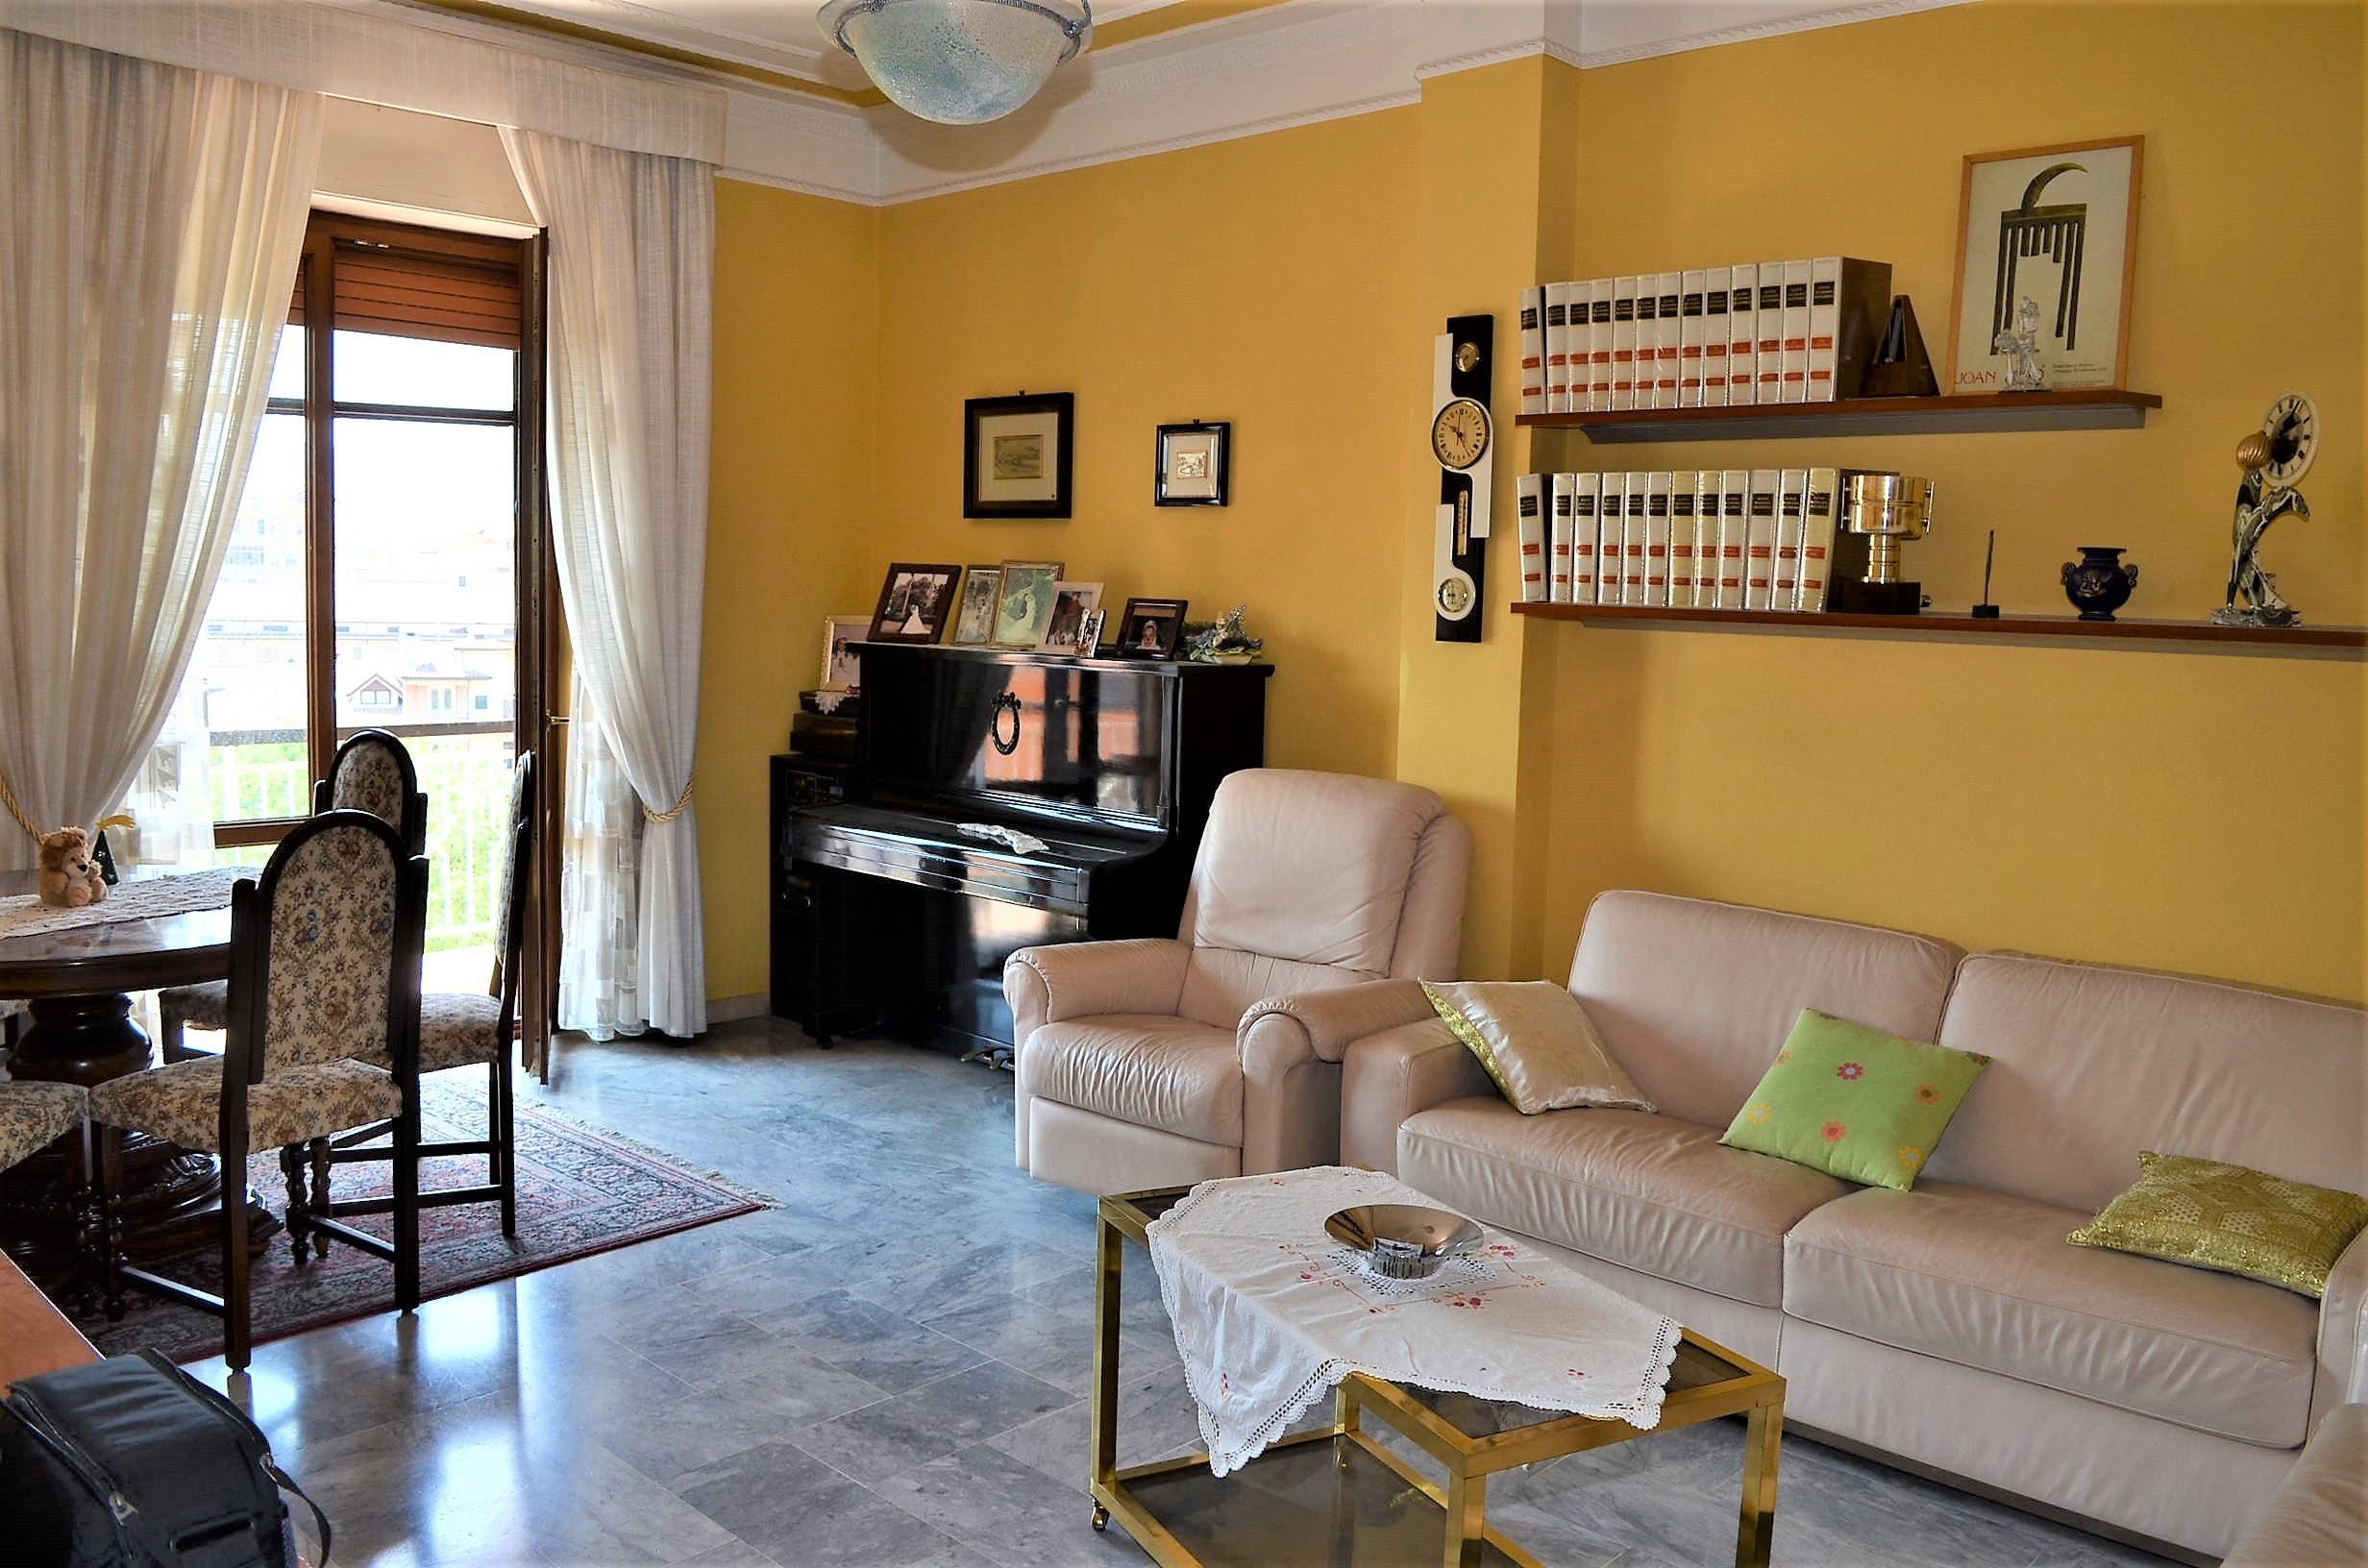 Appartamento di circa 150 mq in zona Via Carducci